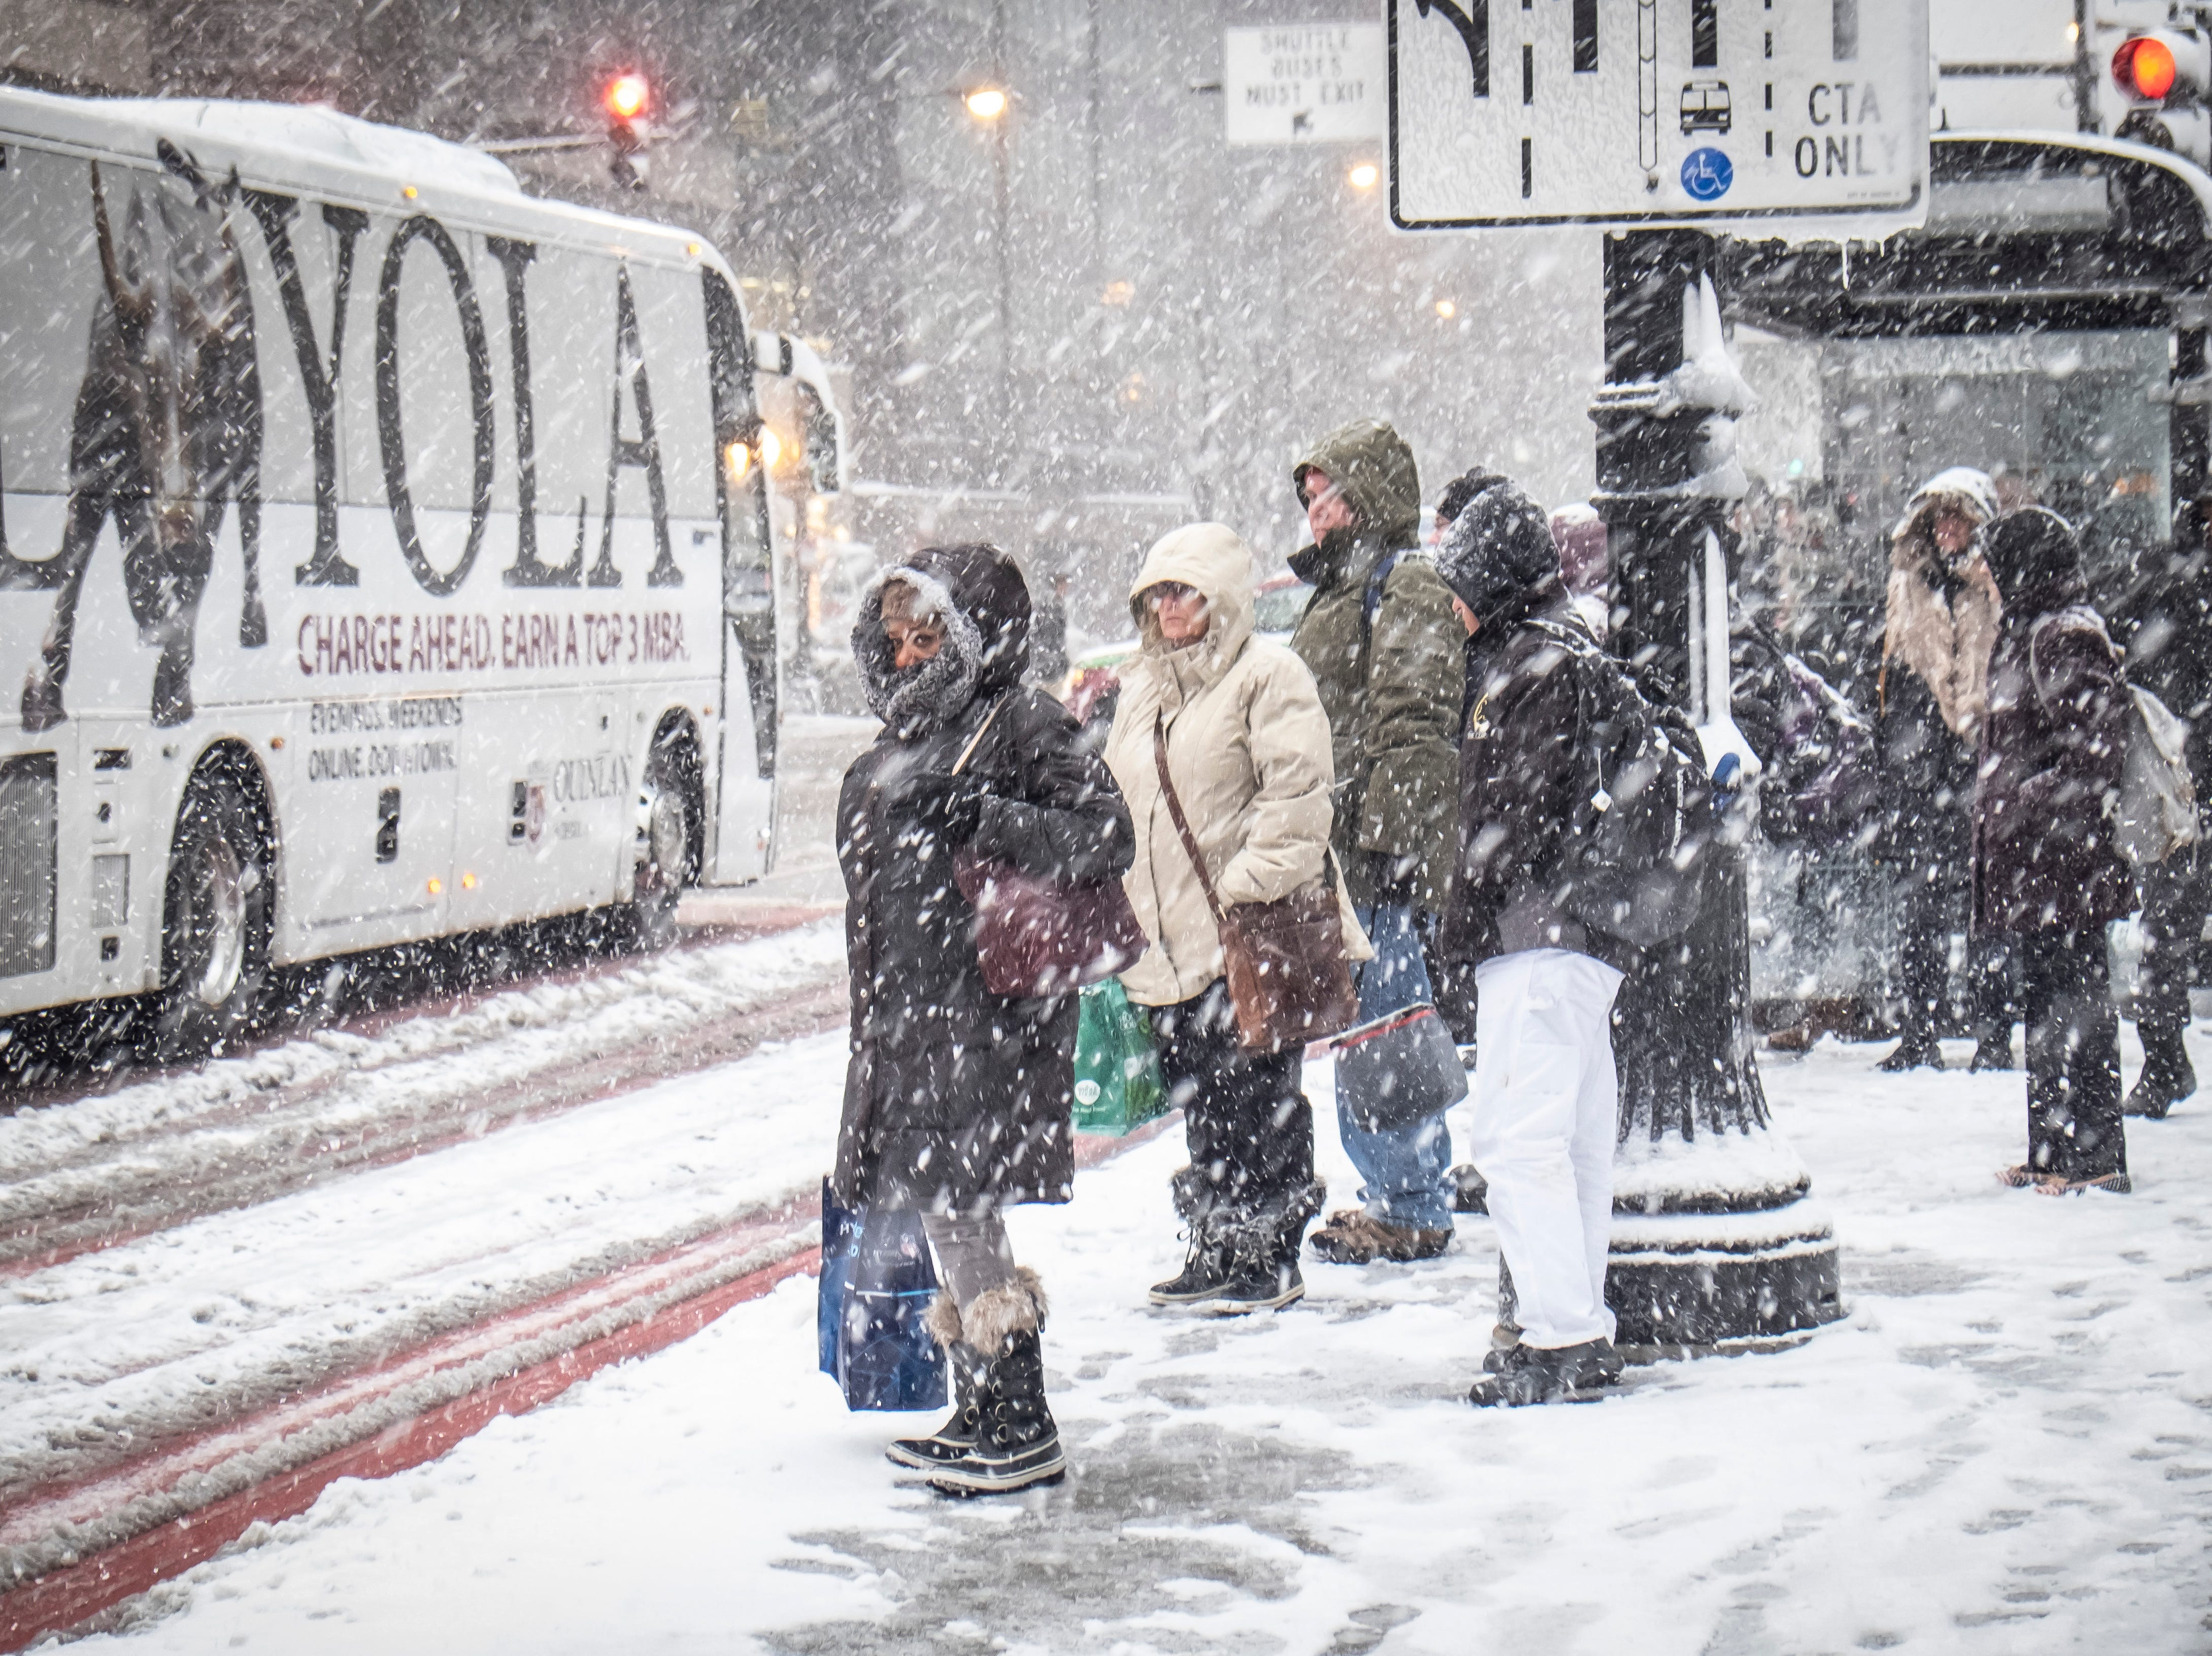 Residentes esperan los autobuses de CTA cerca de la estación Union en Chicago el 26 de noviembre de 2018. Una tempestad invernal trajo condiciones de tormenta de nieve a partes del Medio Oeste el lunes temprano, aterrizando cientos de vuelos y causando un caos en el tráfico mientras los viajeros regresaban al trabajo después del fin de semana de Acción de Gracias.